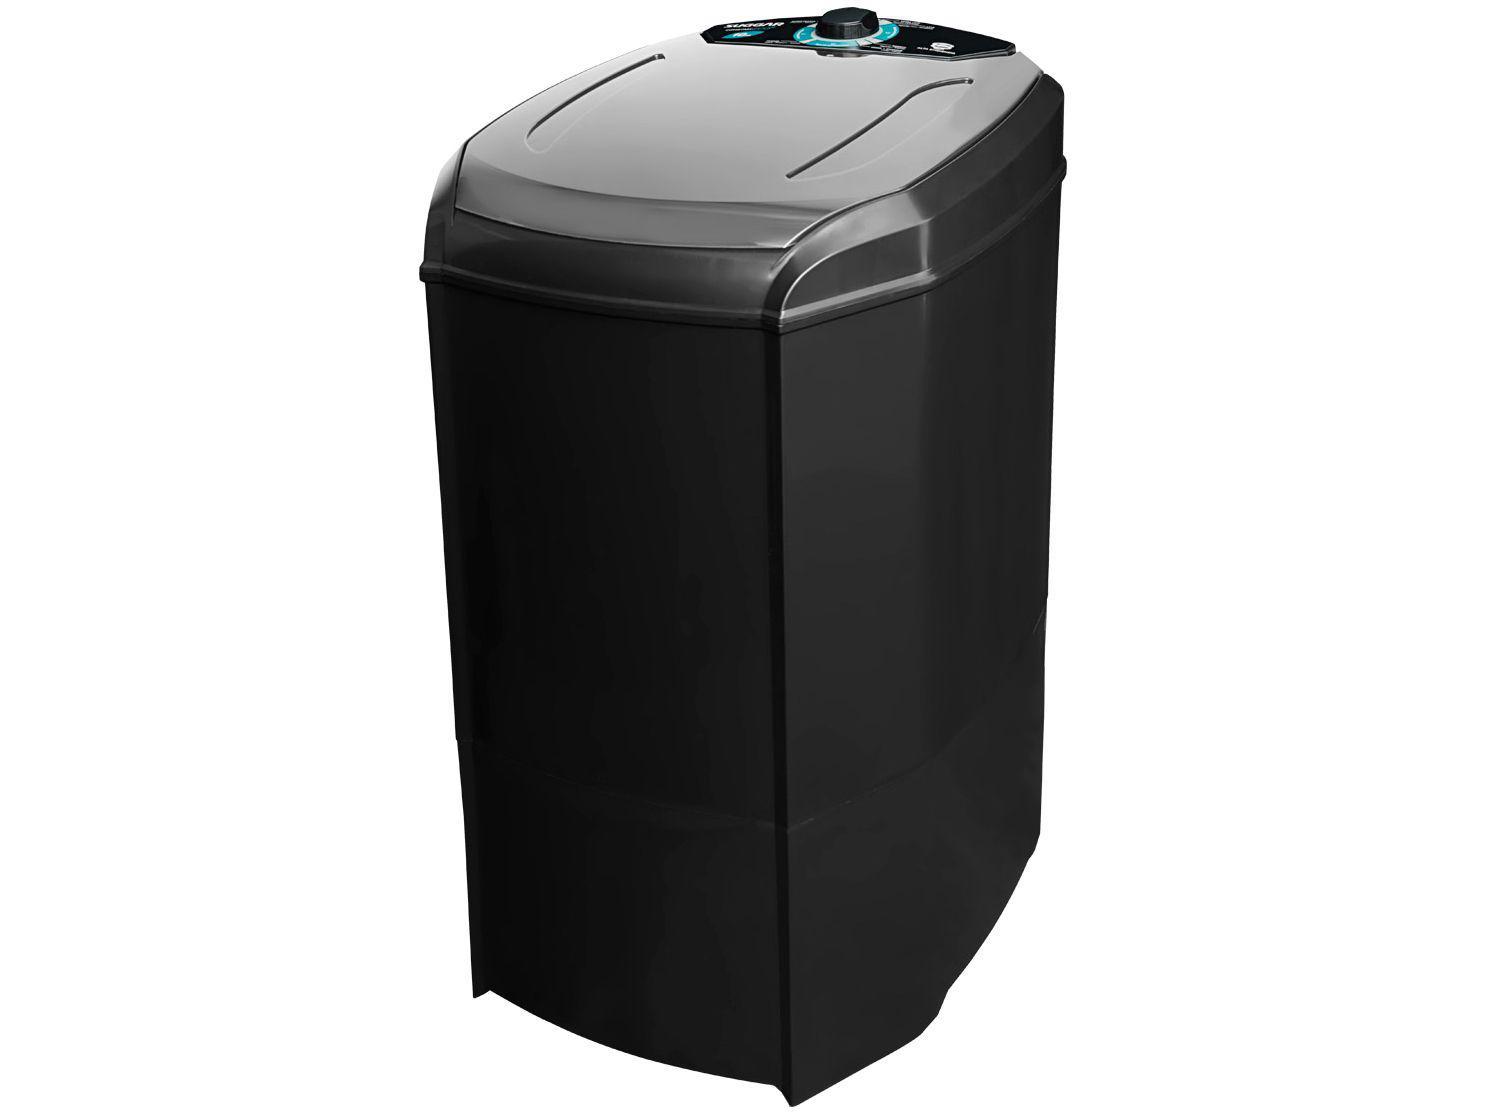 Tanquinho 10Kg Suggar Lavamax Eco - Desligamento Automático Timer Filtro Cata-Fiapos